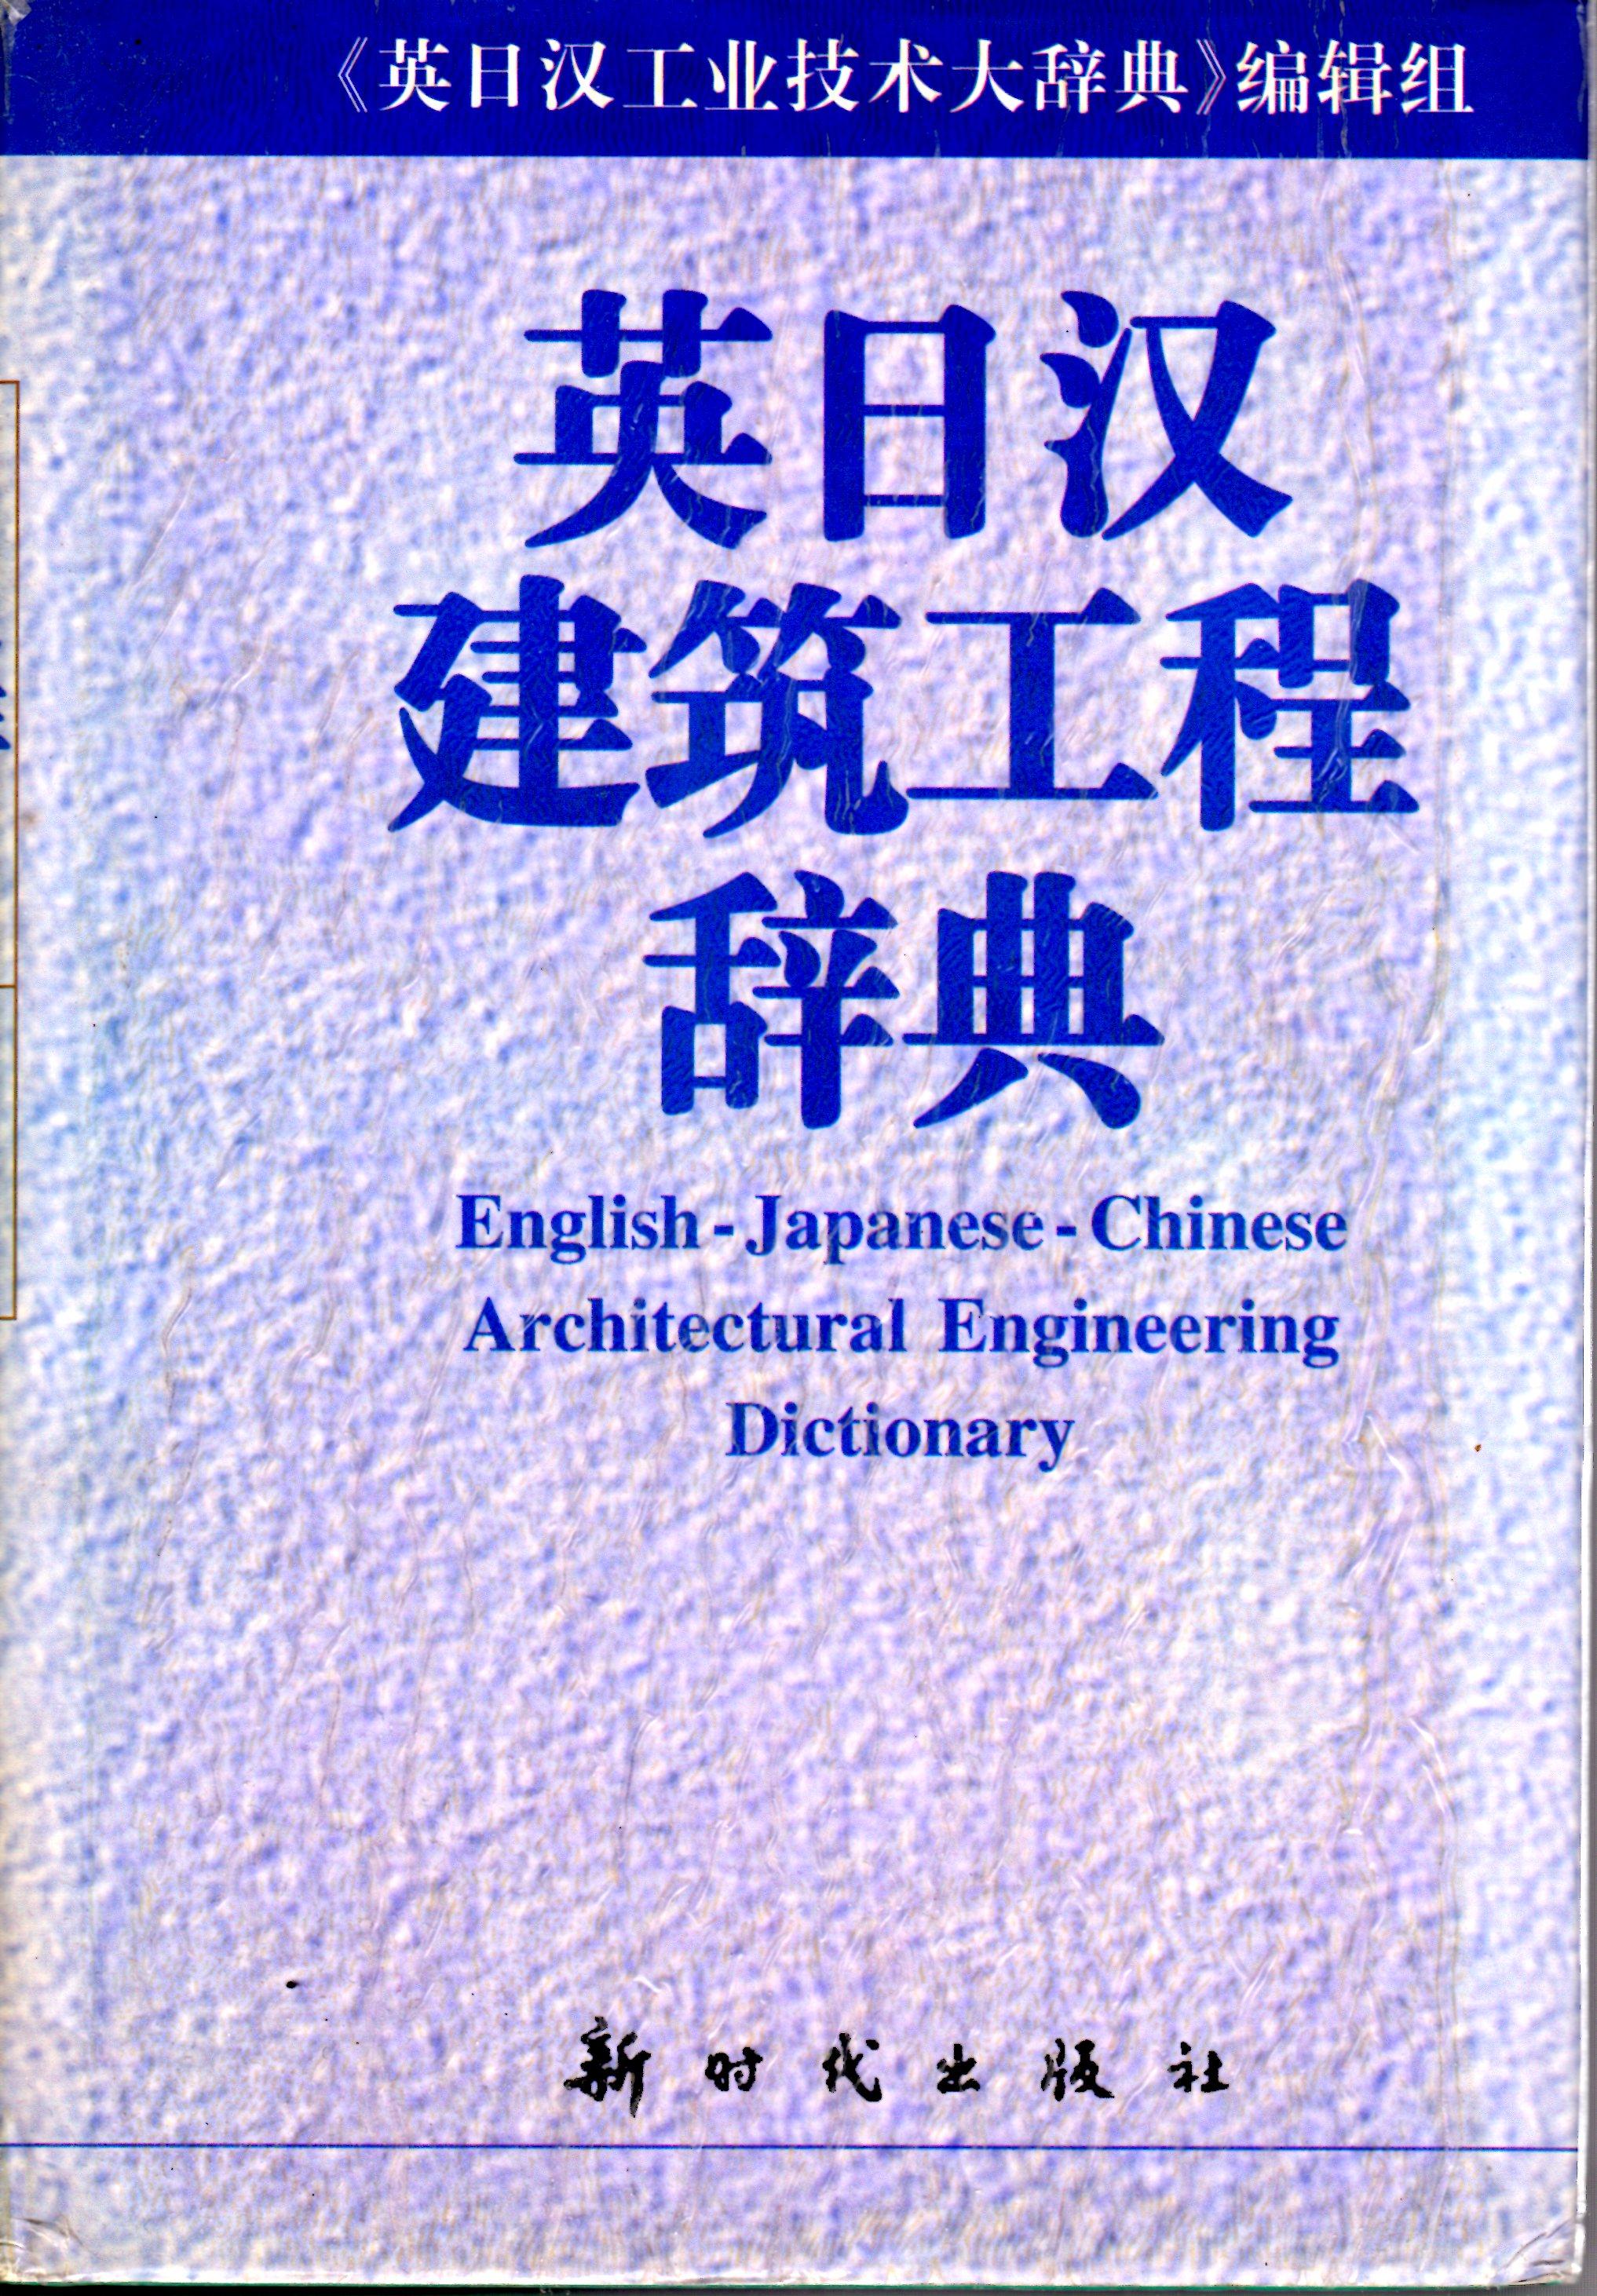 英日汉建筑工程辞典